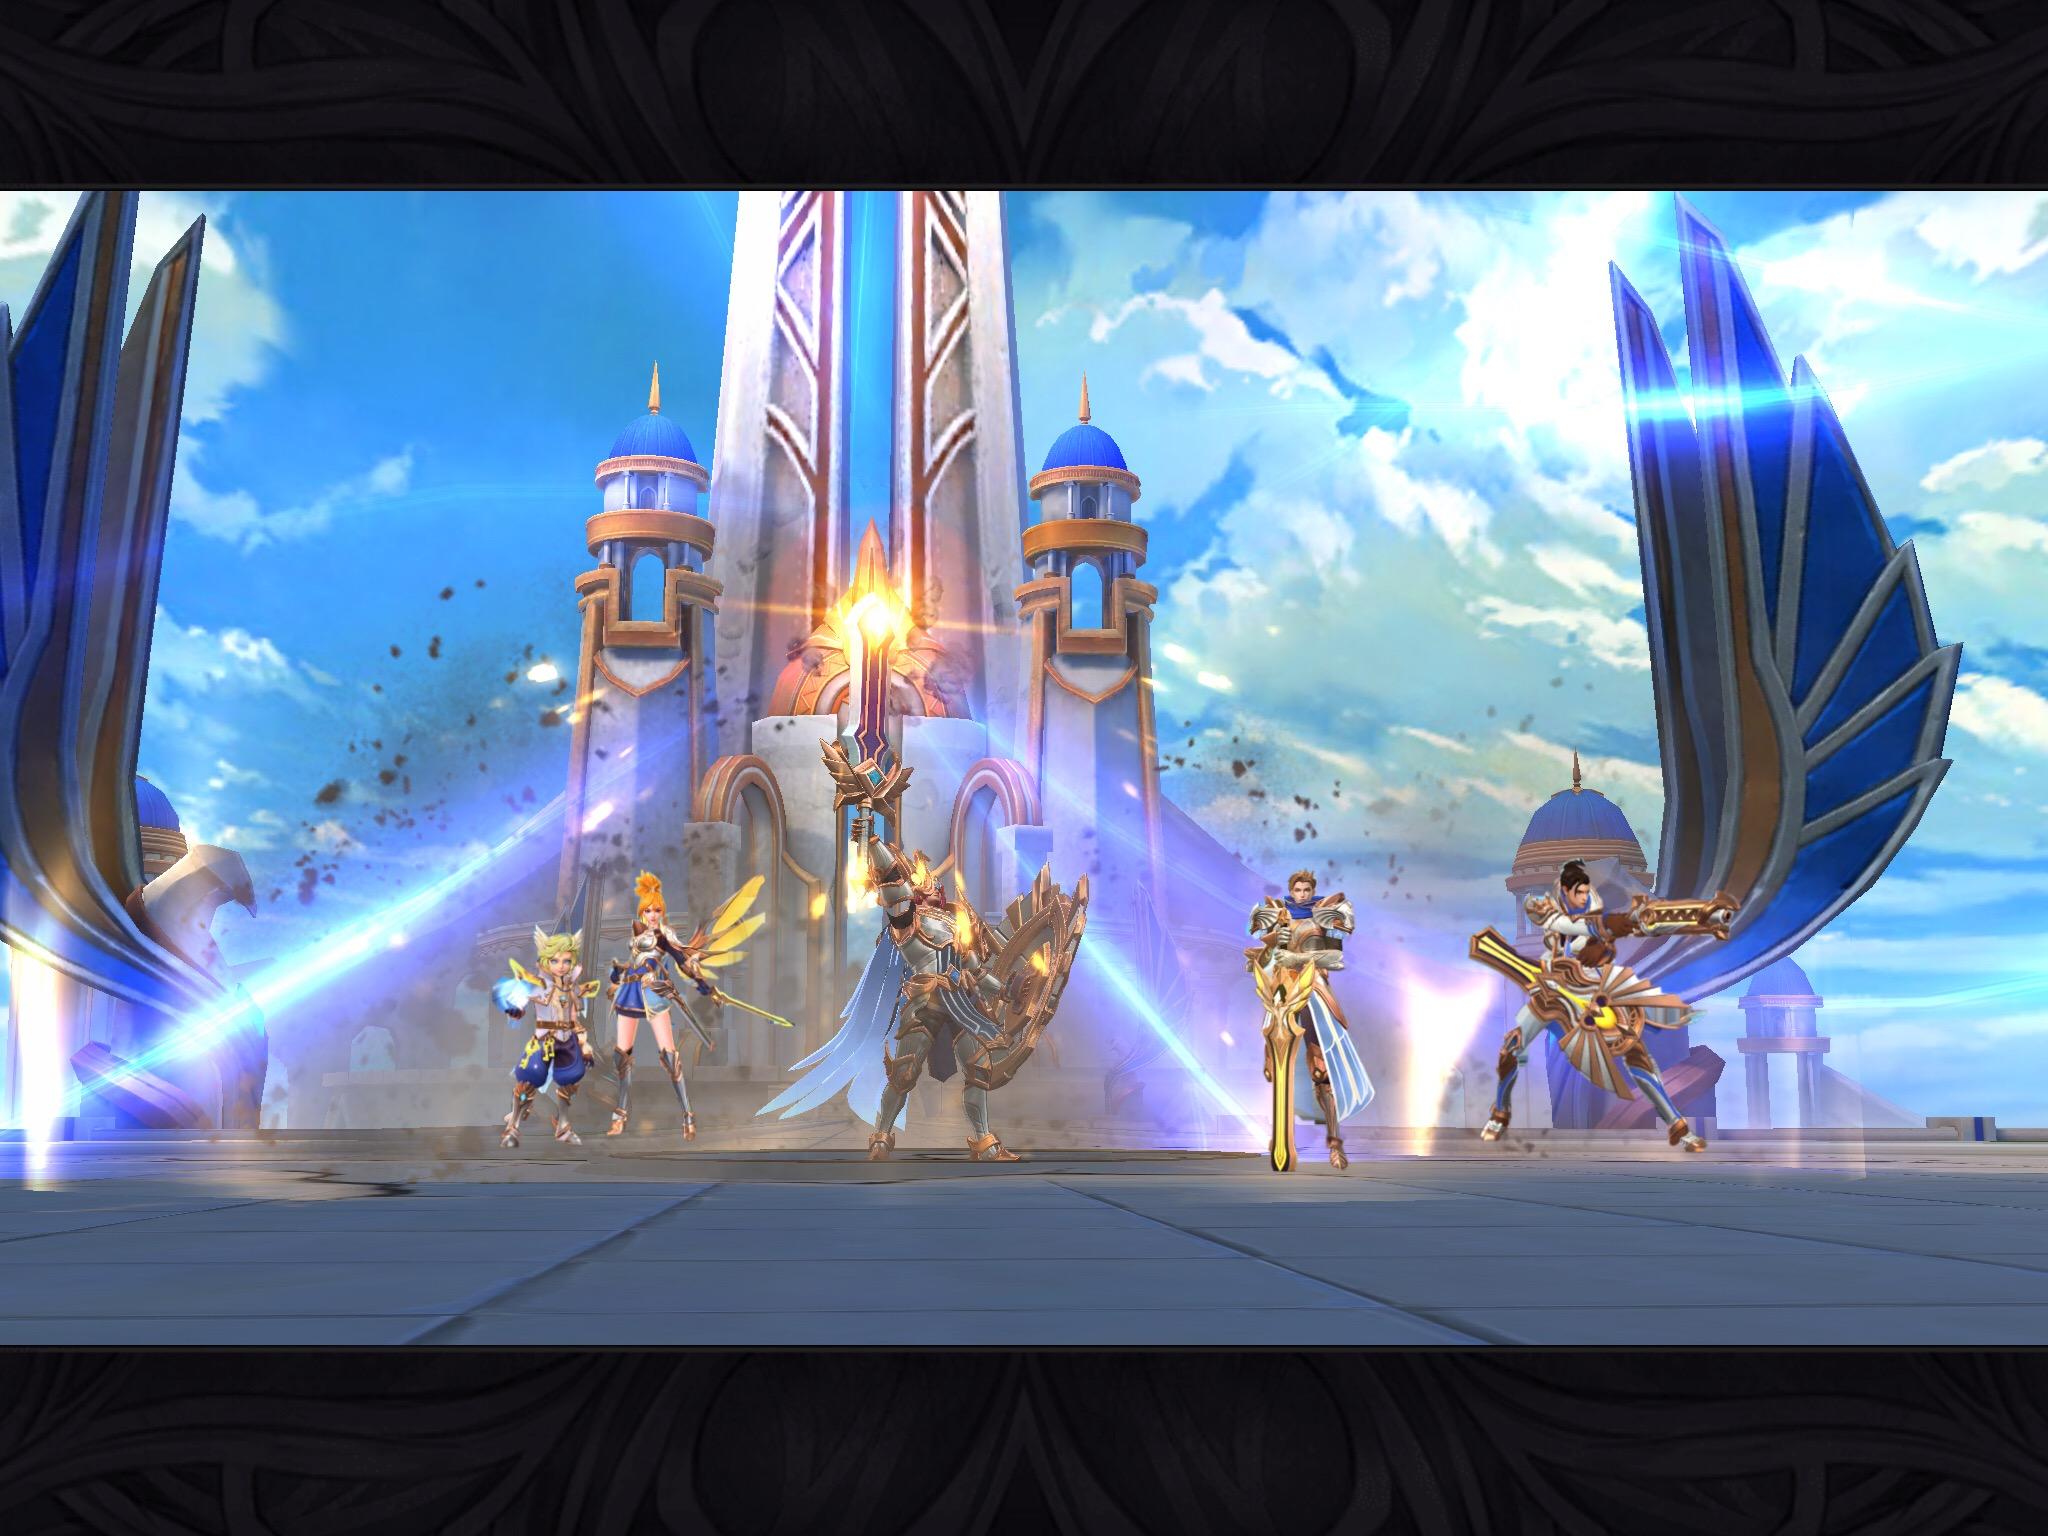 Mobile Legends Lightborn Squad Image By Mobilelegends